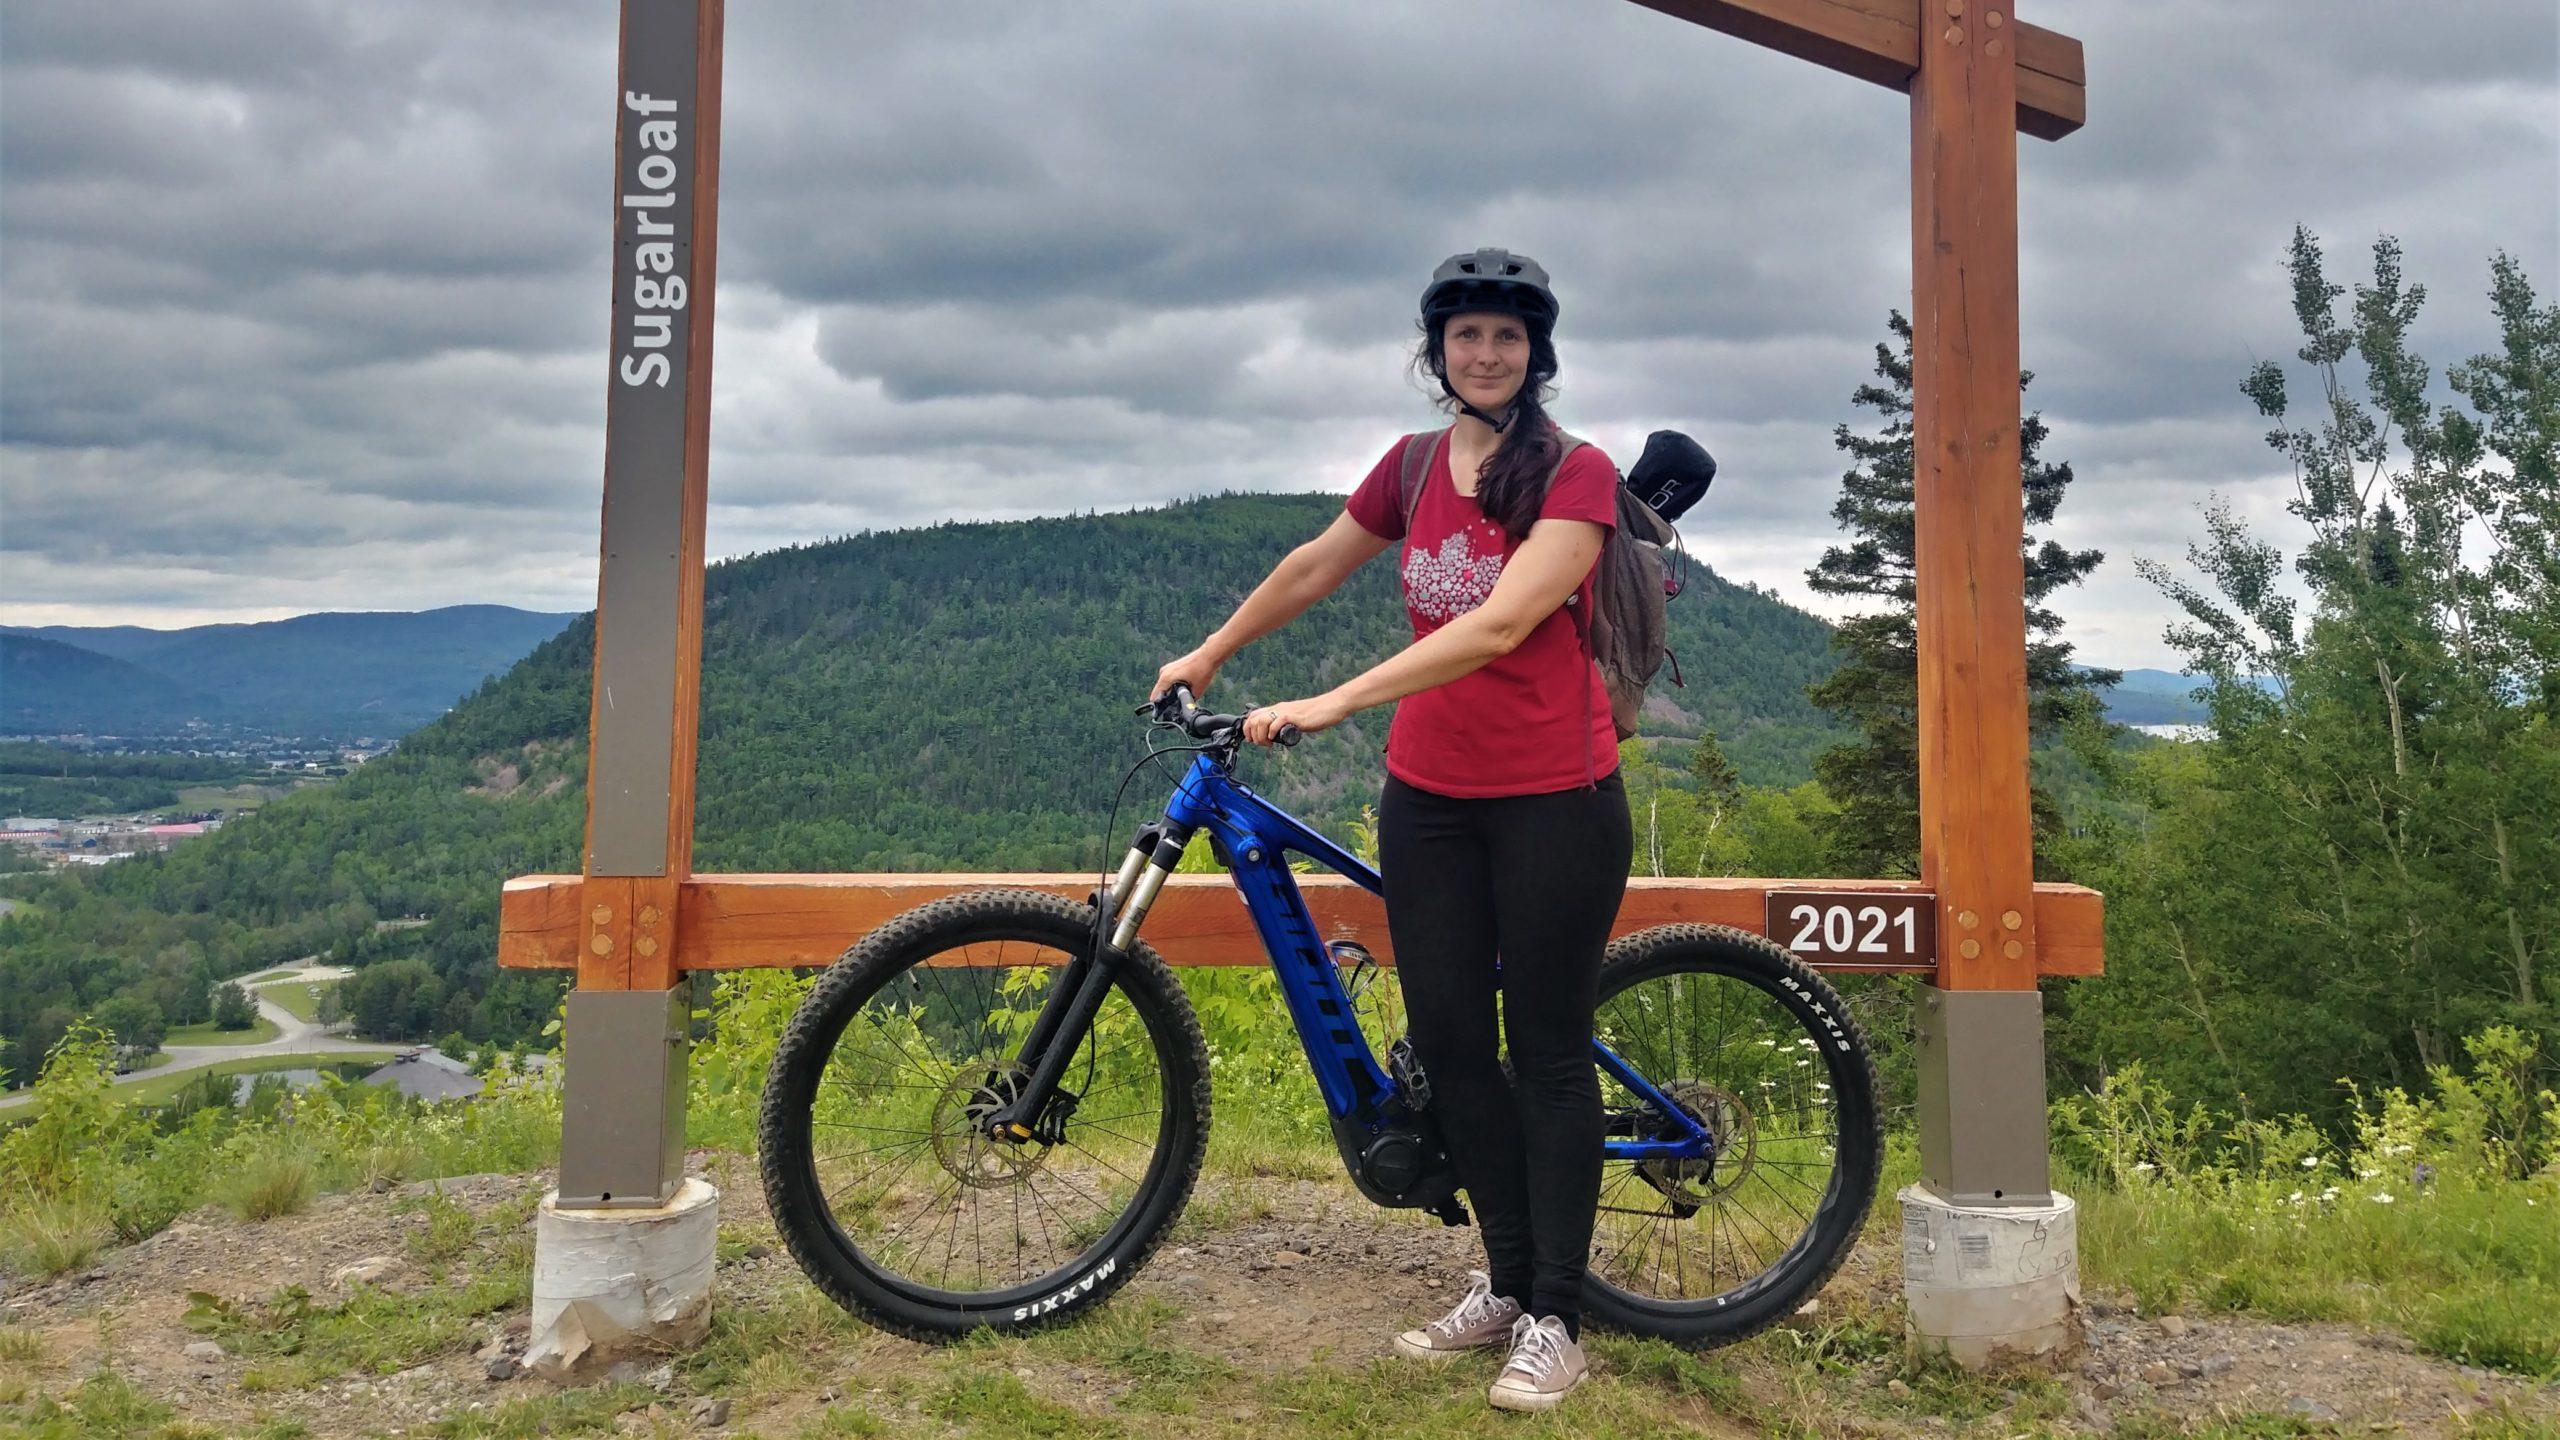 Campbellton vélo parc Sugarloaf Nouveau-Brunswick blog voyage